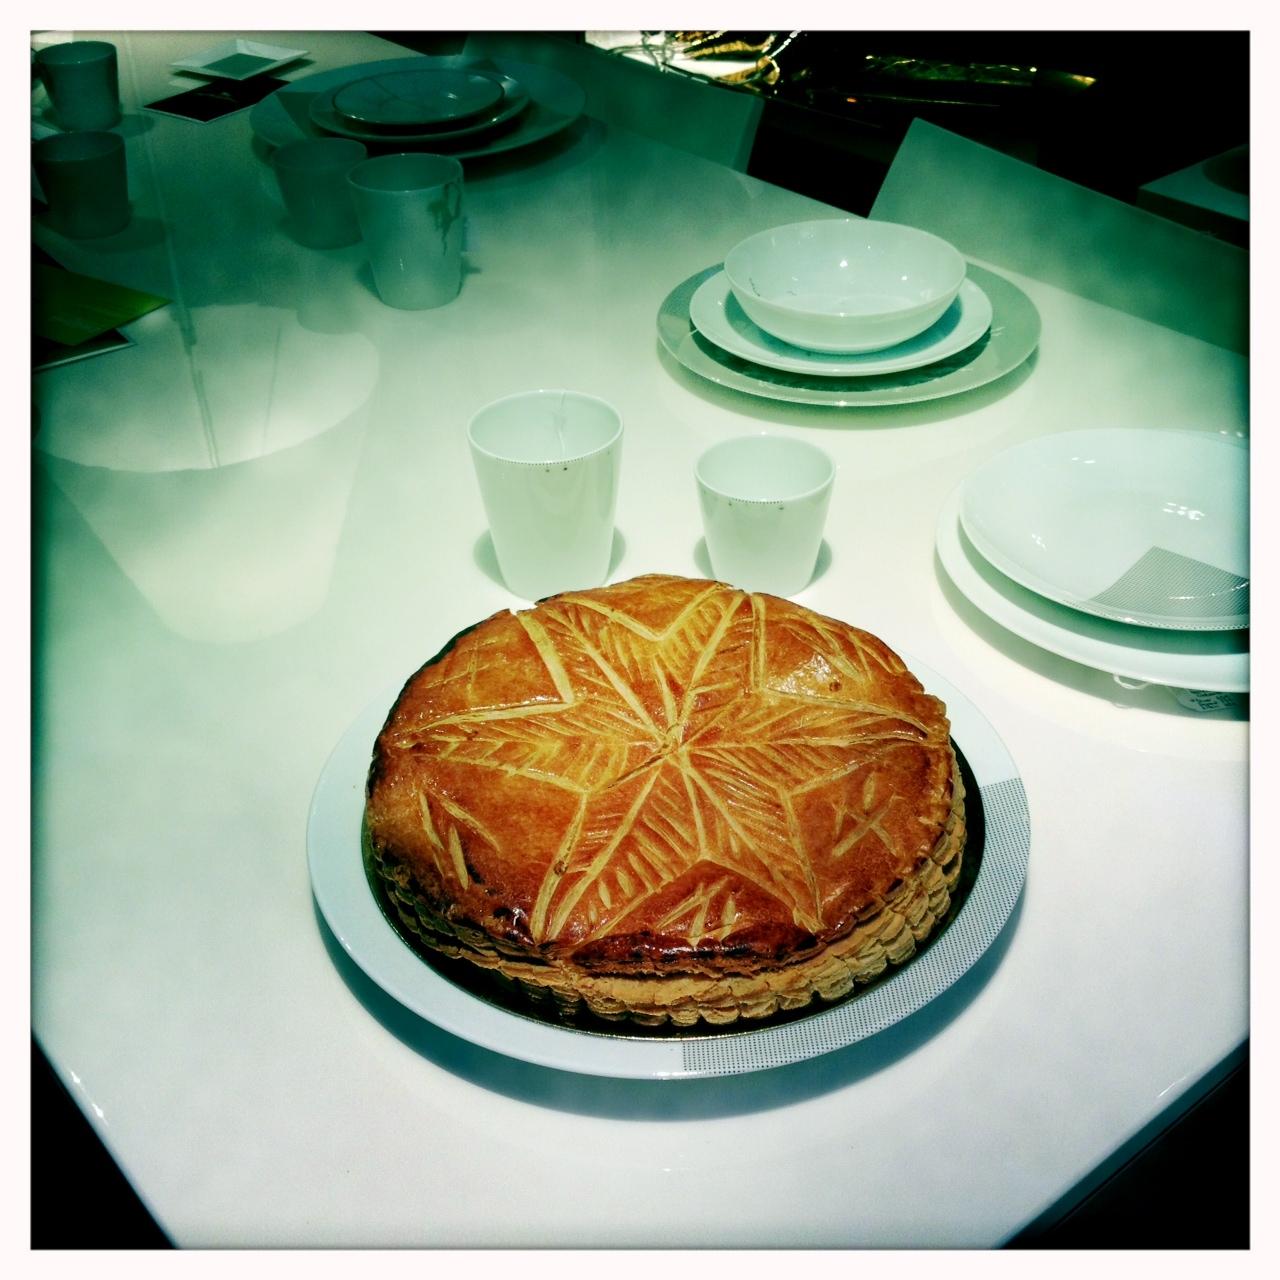 galette-creation-2012-gontran-cherrier-boulanger-paris-poivre-de-jamaique-kumquats-confits-et-pate-feuilletee